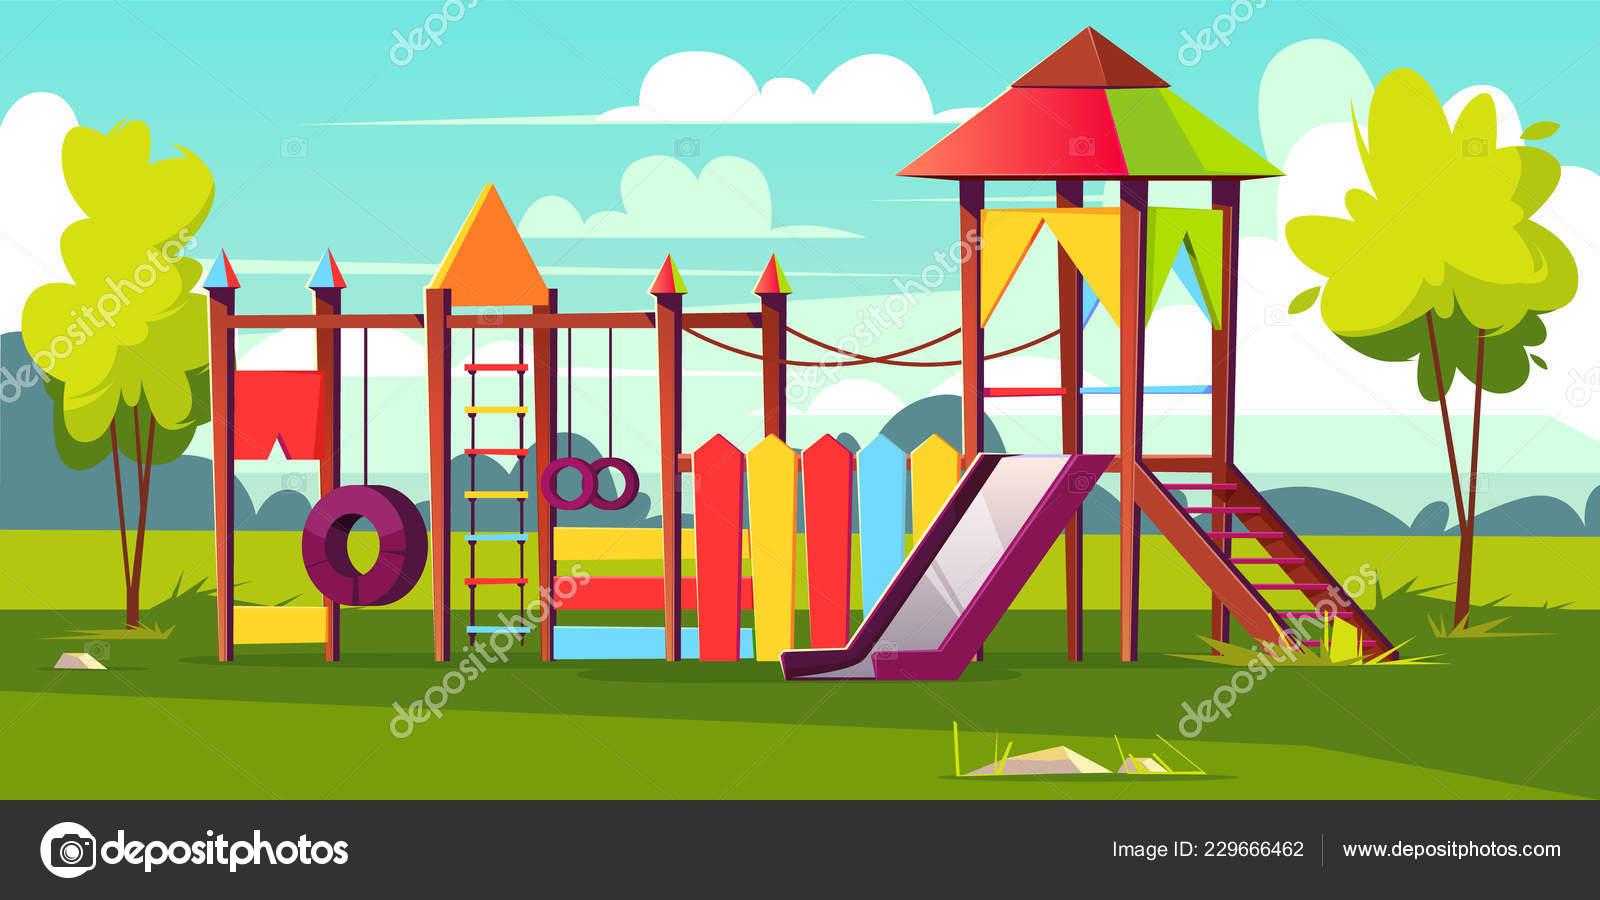 5c13e989361 Διάνυσμα φωτεινό παιδική χαρά για παιδιά στο πάρκο — Διανυσματικό ...